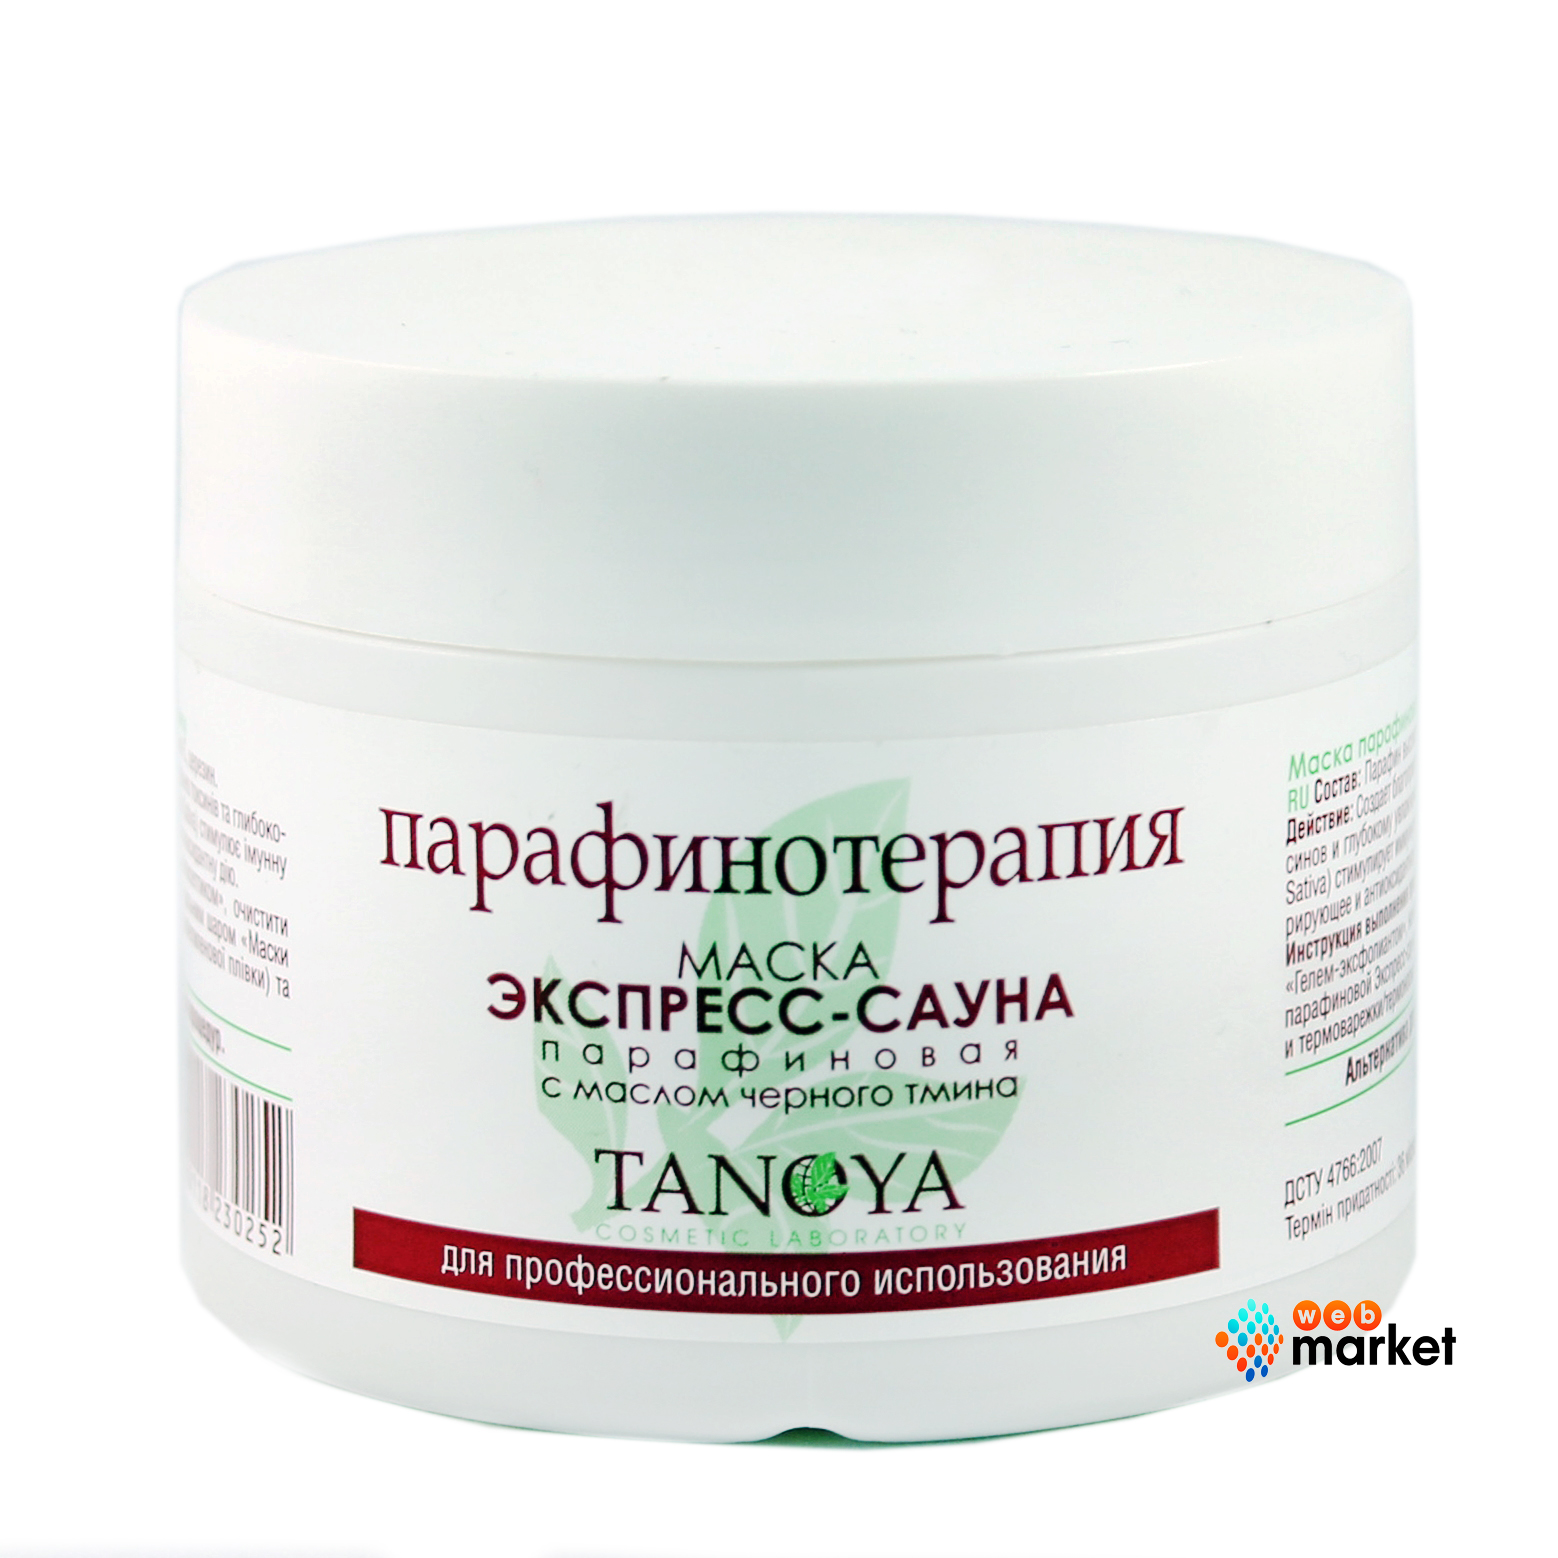 Купить Средства Для Парафинотерапии Tanoya